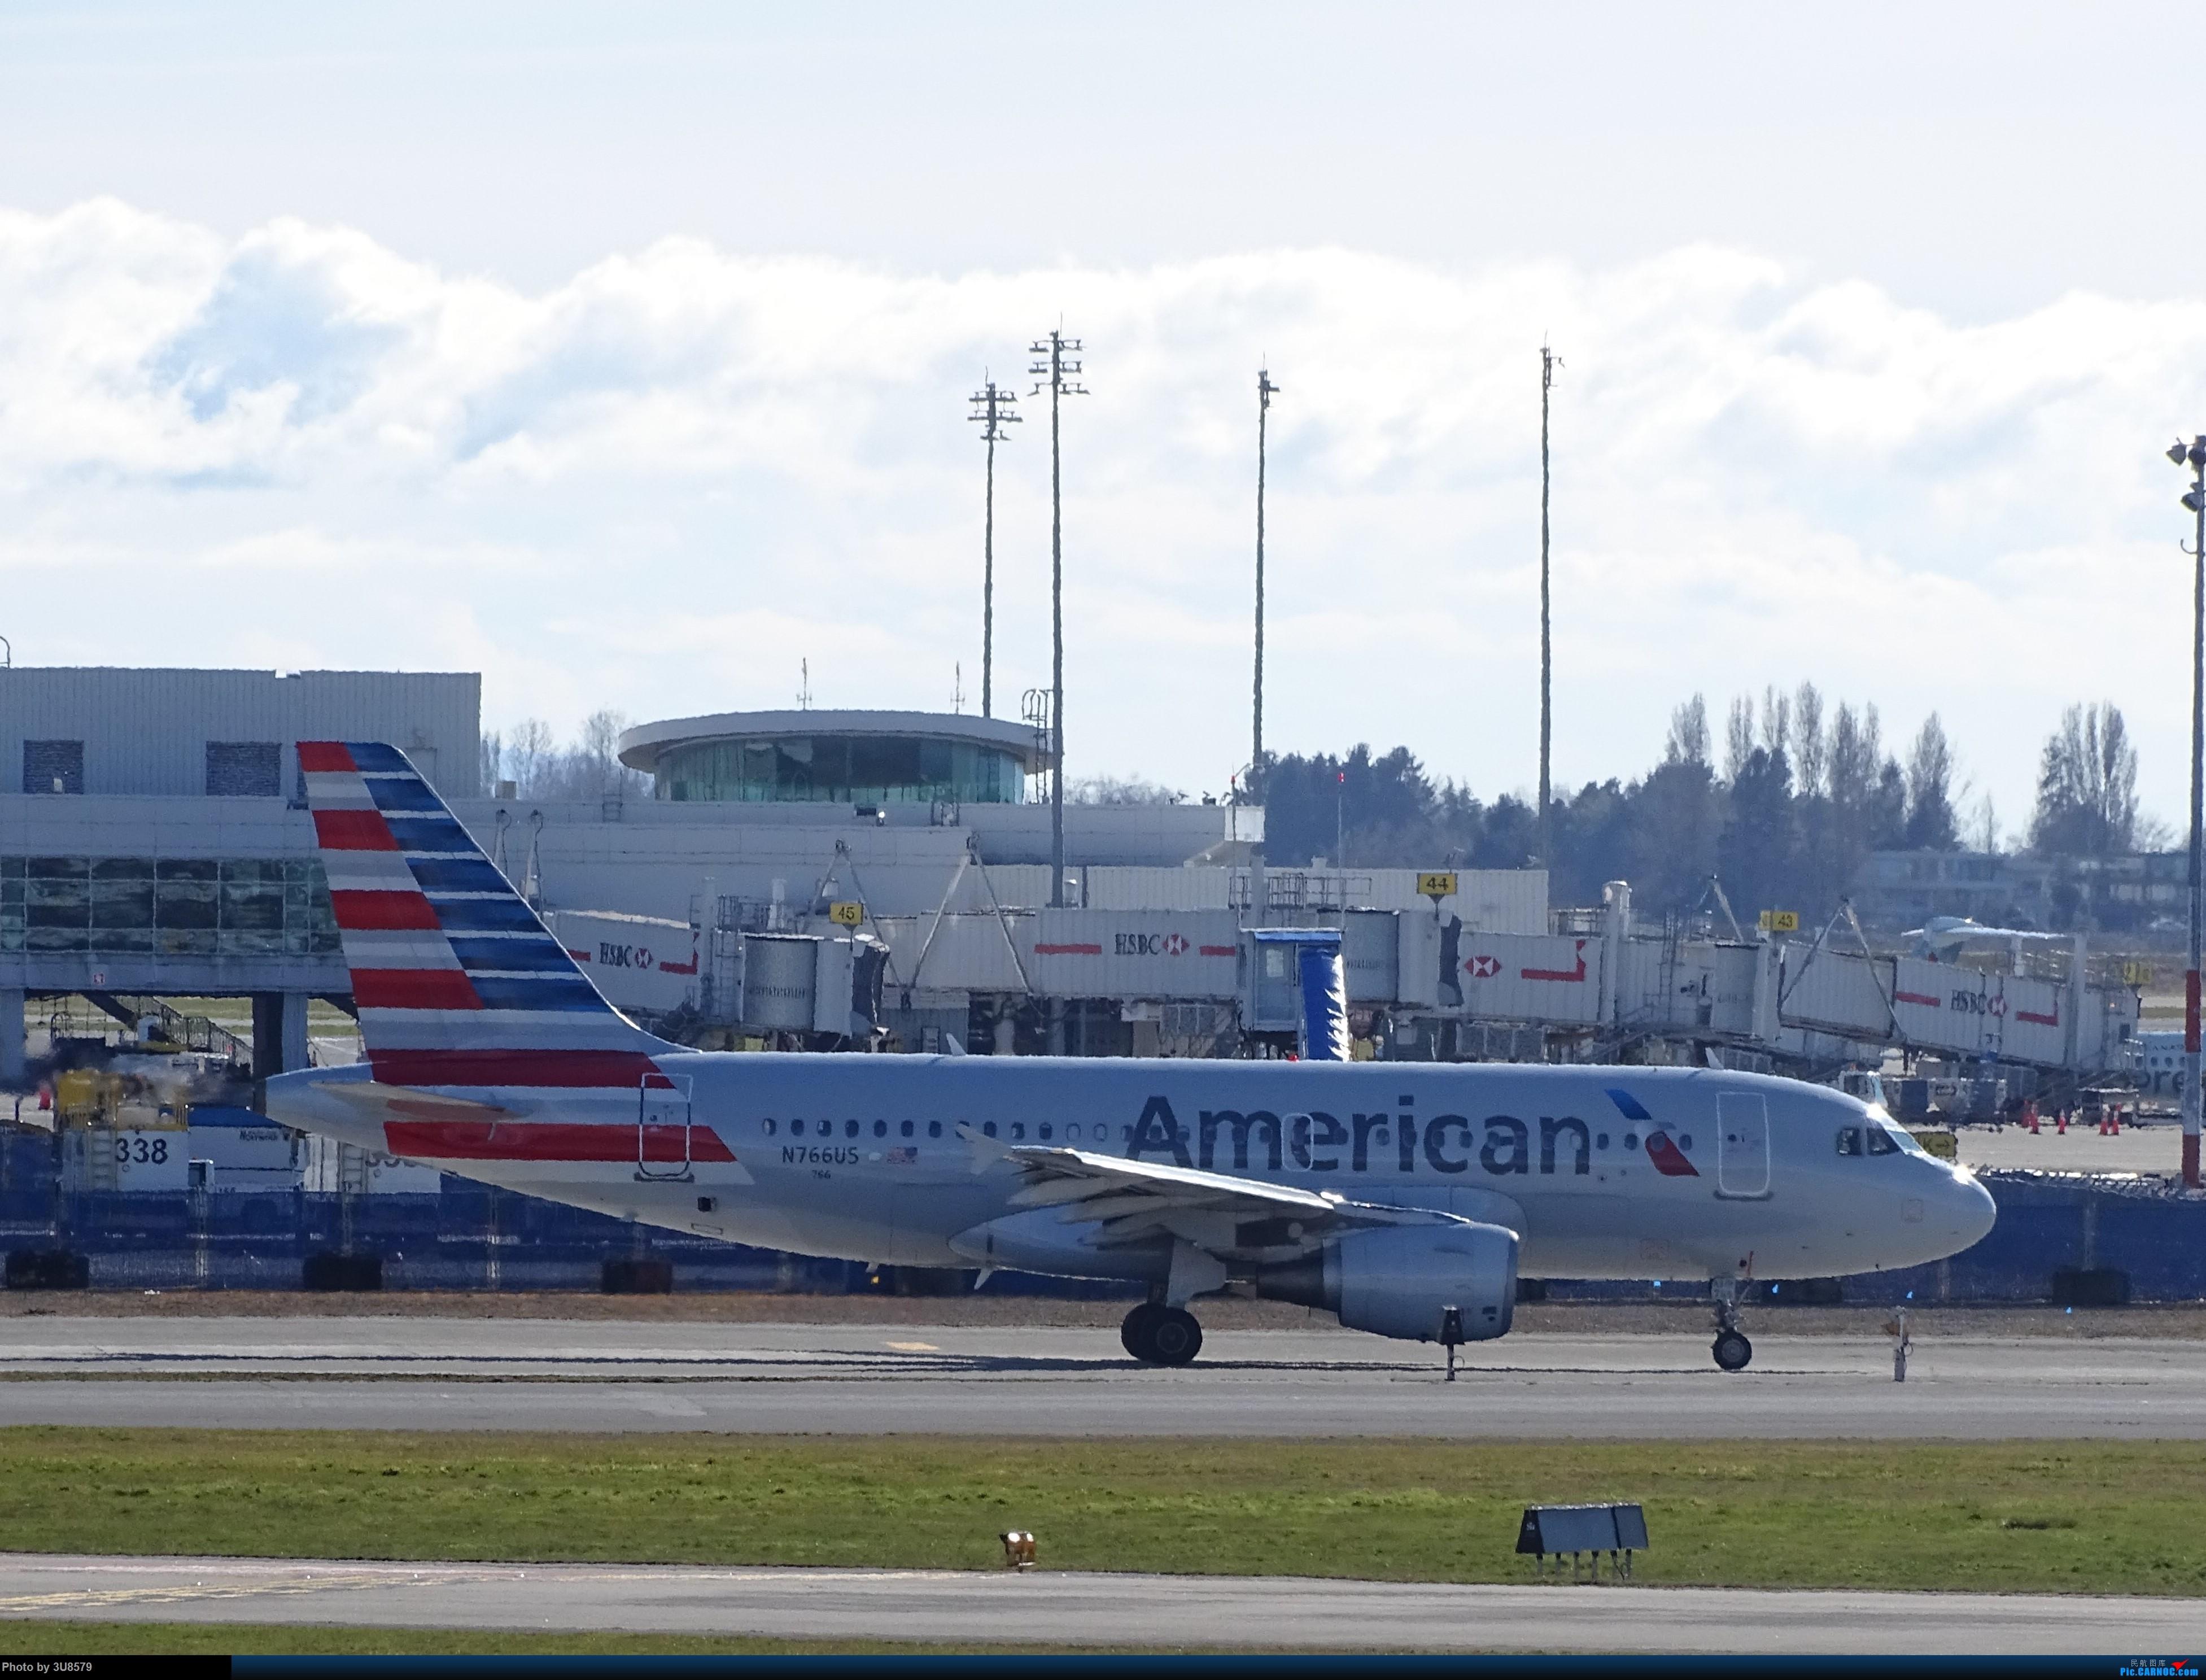 [原创]回国前再发一贴,望一切安好 AIRBUS A319-100 N766US 加拿大温哥华机场